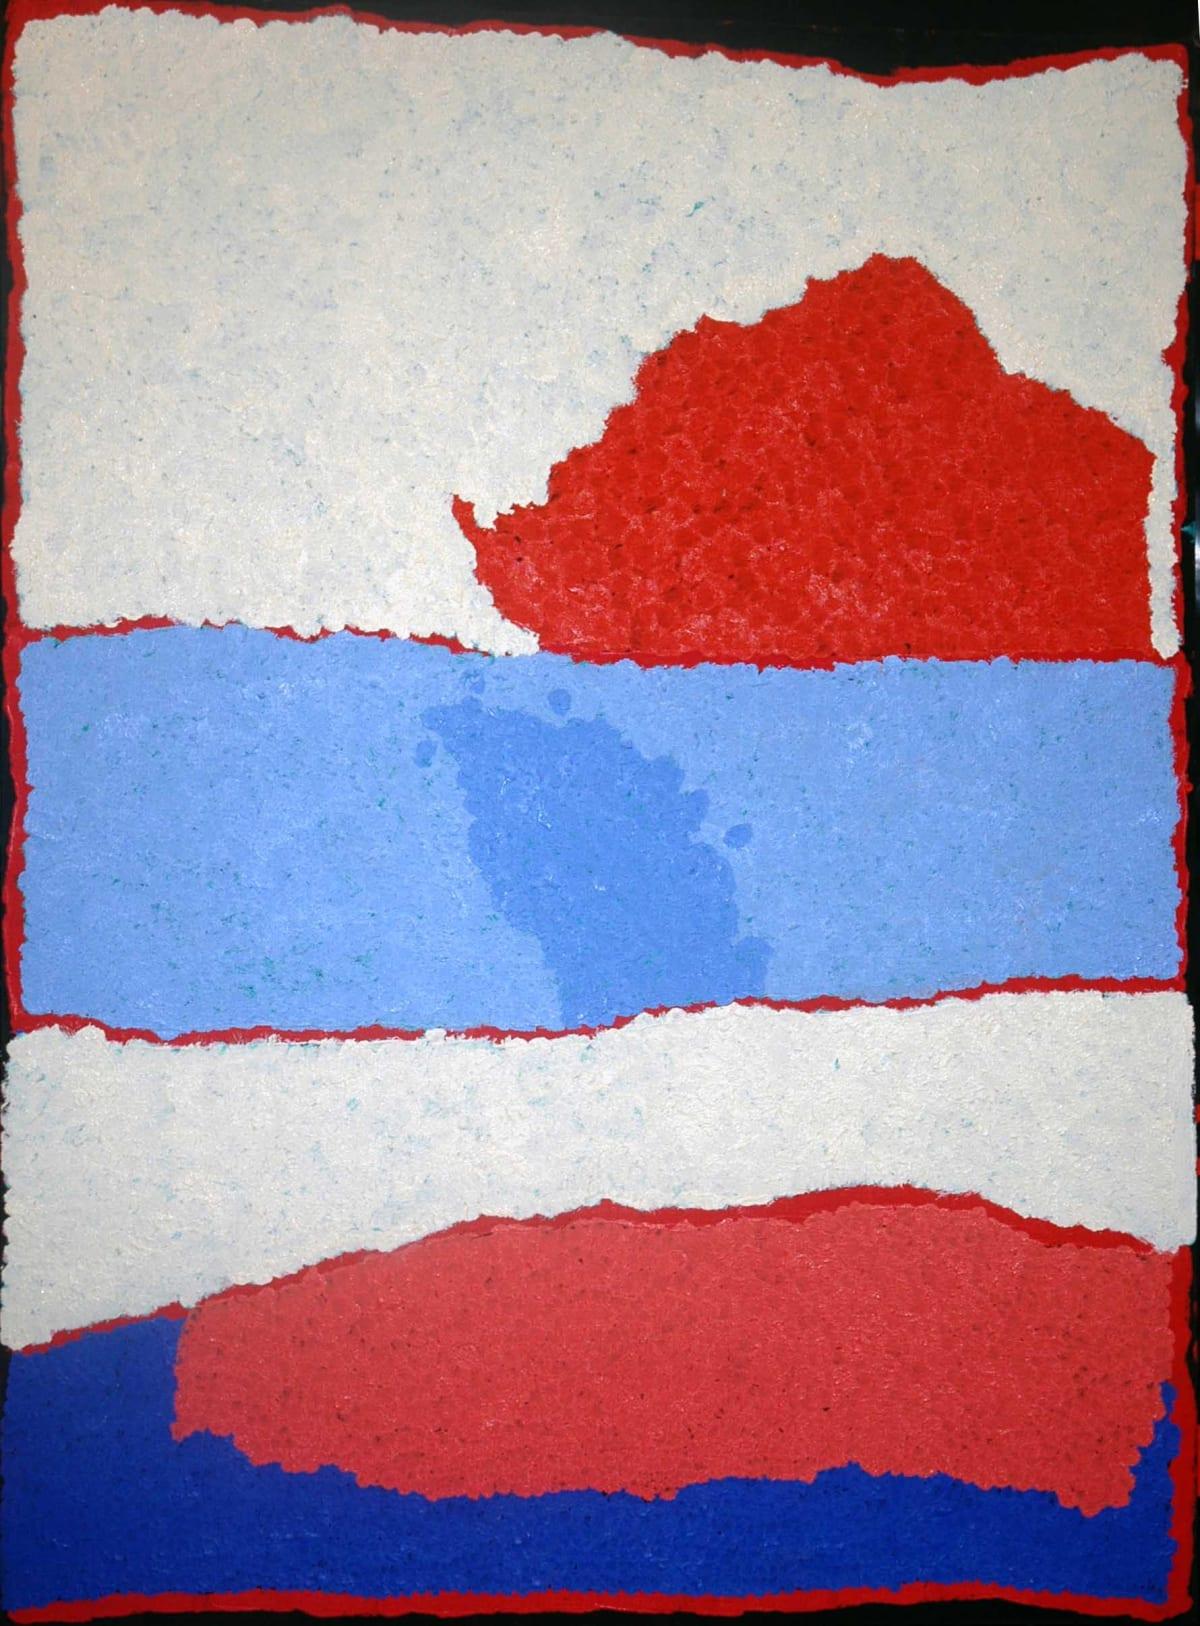 Alma Webou (Kalaju) Pinkalarta acrylic on linen 107 x 76 cm